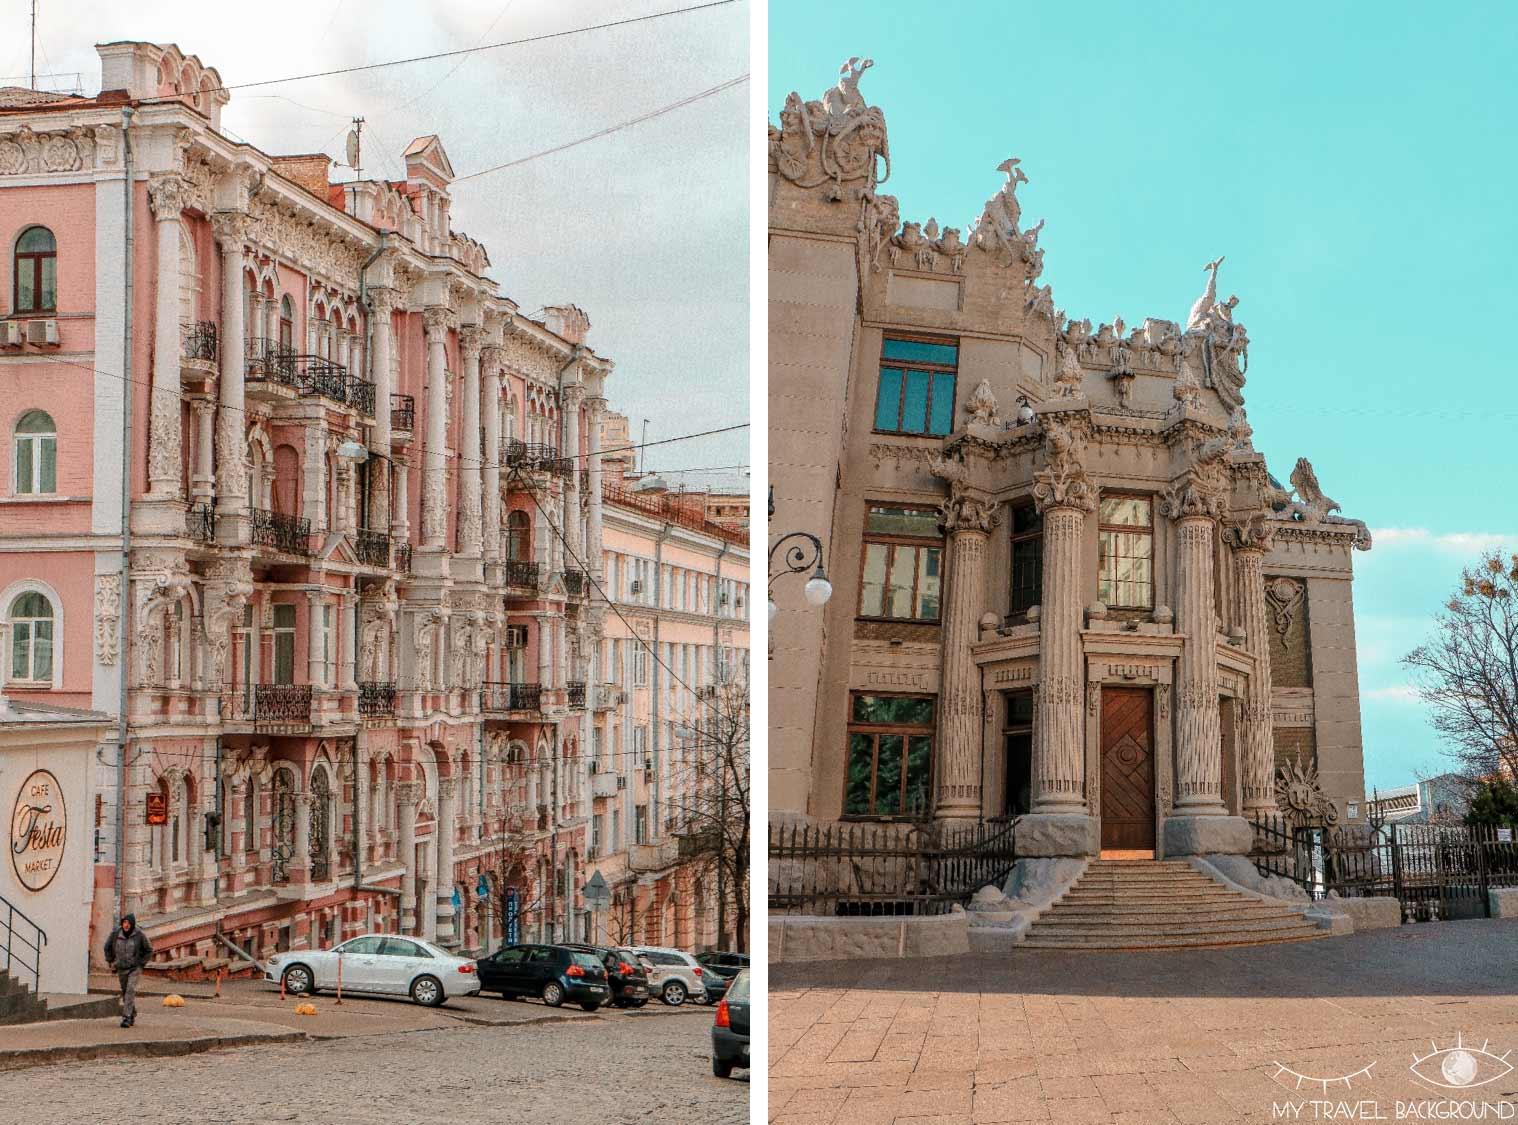 My Travel Background : visiter Kiev, la capitale de l'Ukraine, top 10 - Art nouveau, maison des chimères